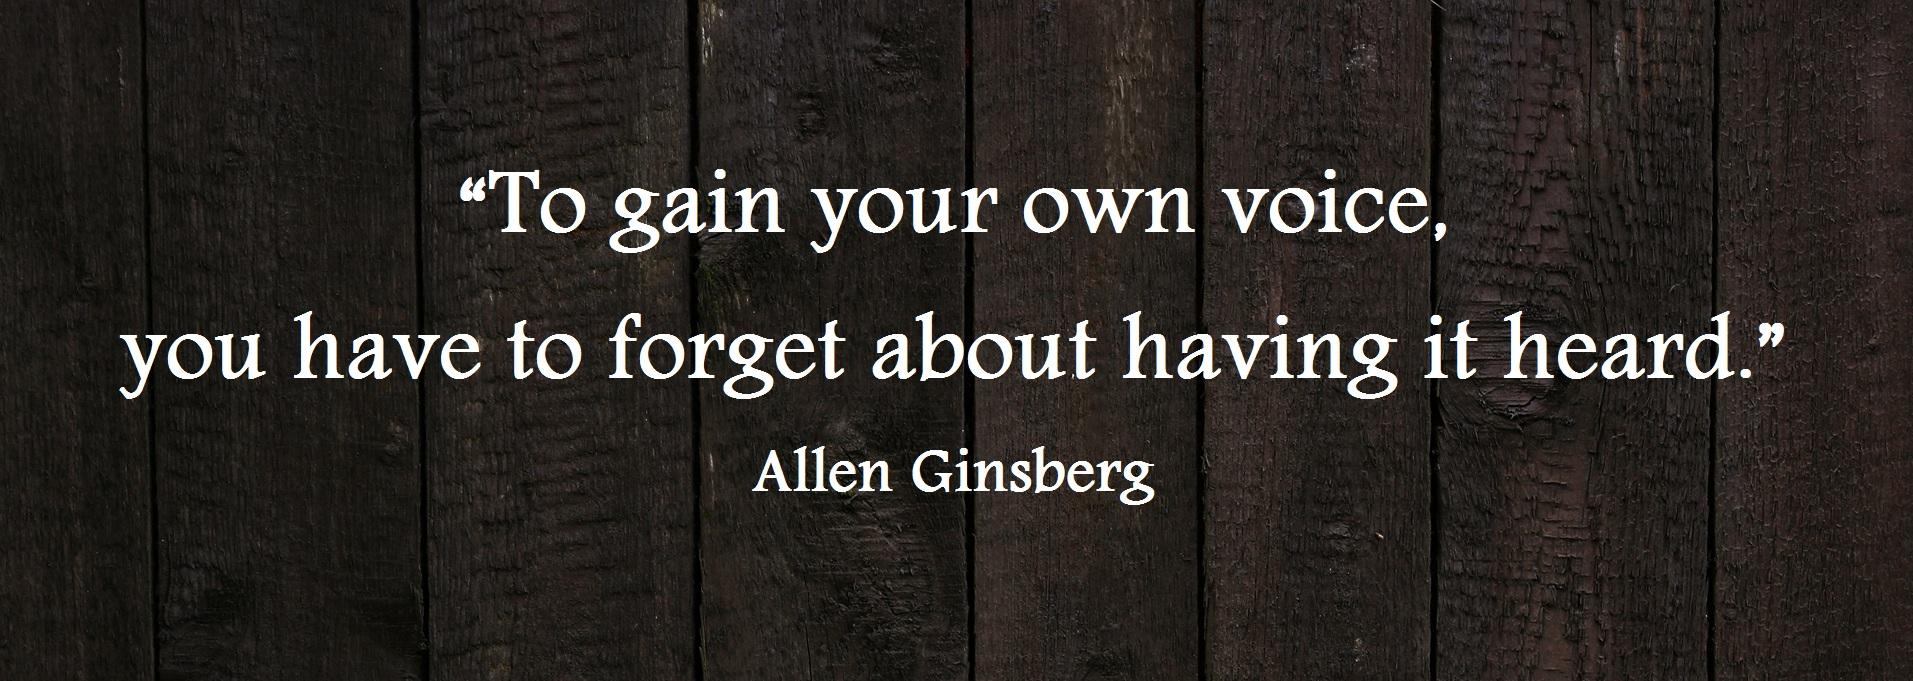 Allen Ginsberg's quote #8